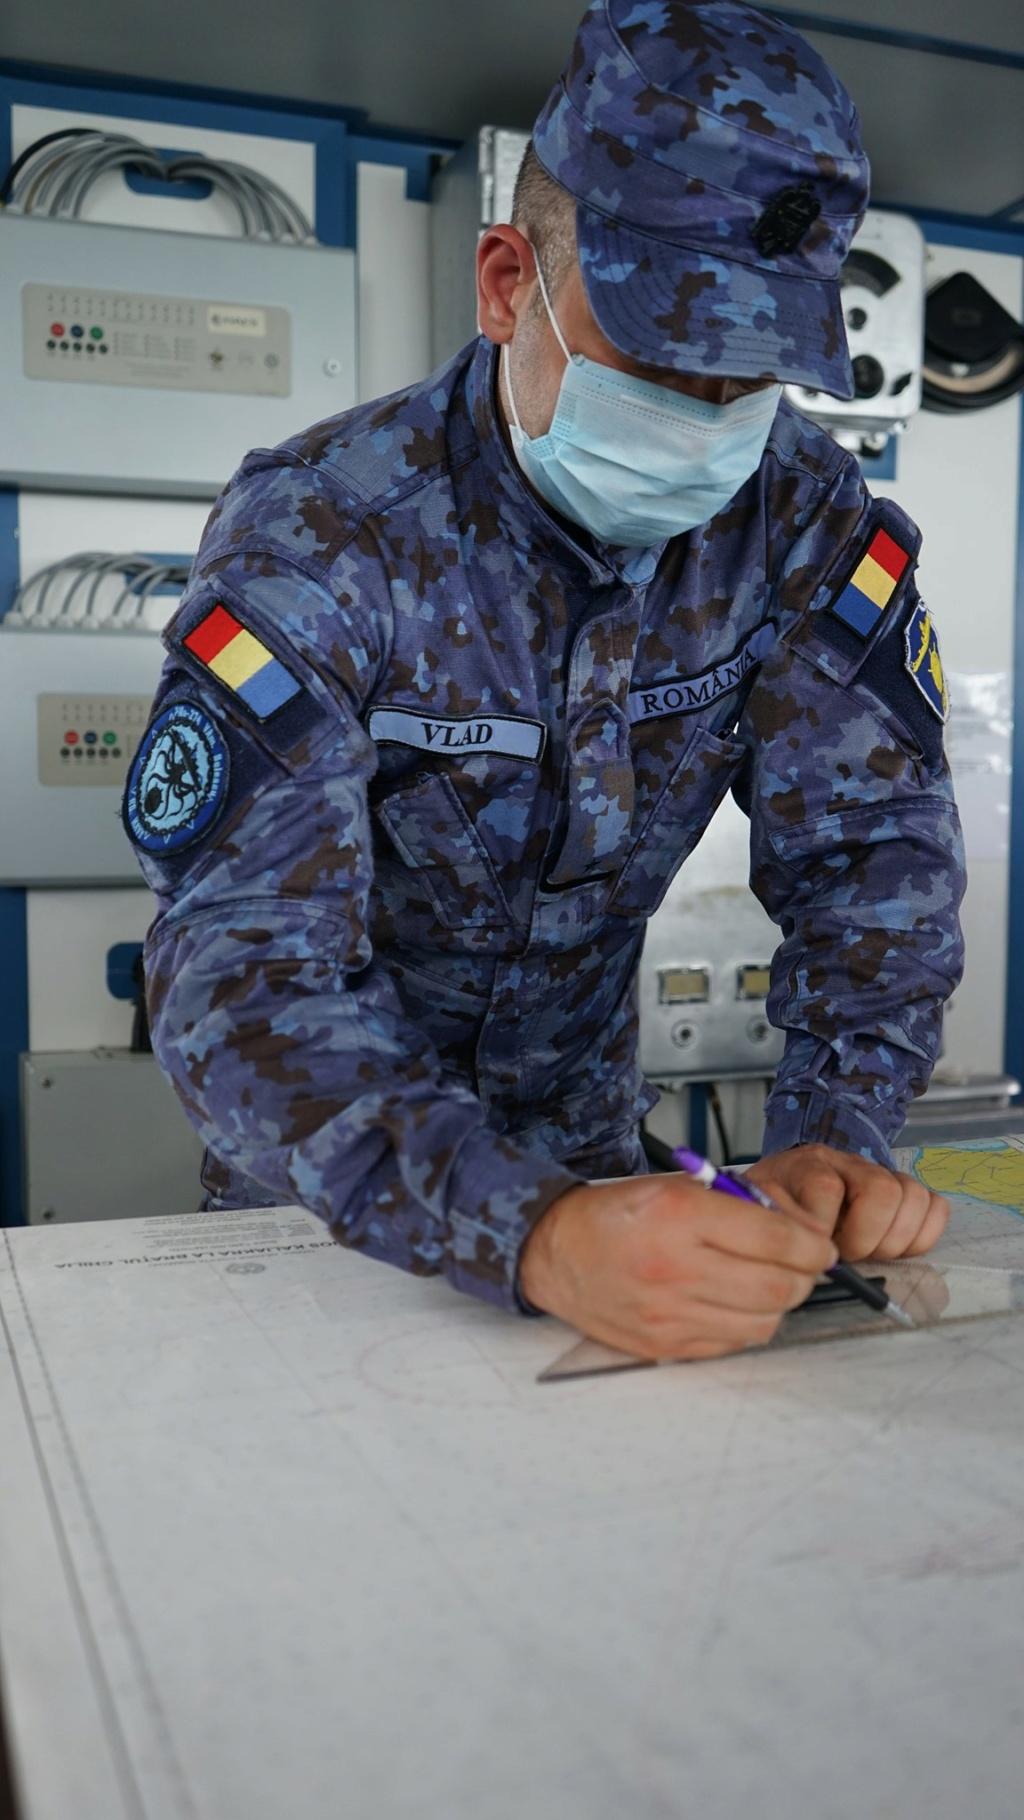 Romanian navy - Marine roumaine - Page 5 5412